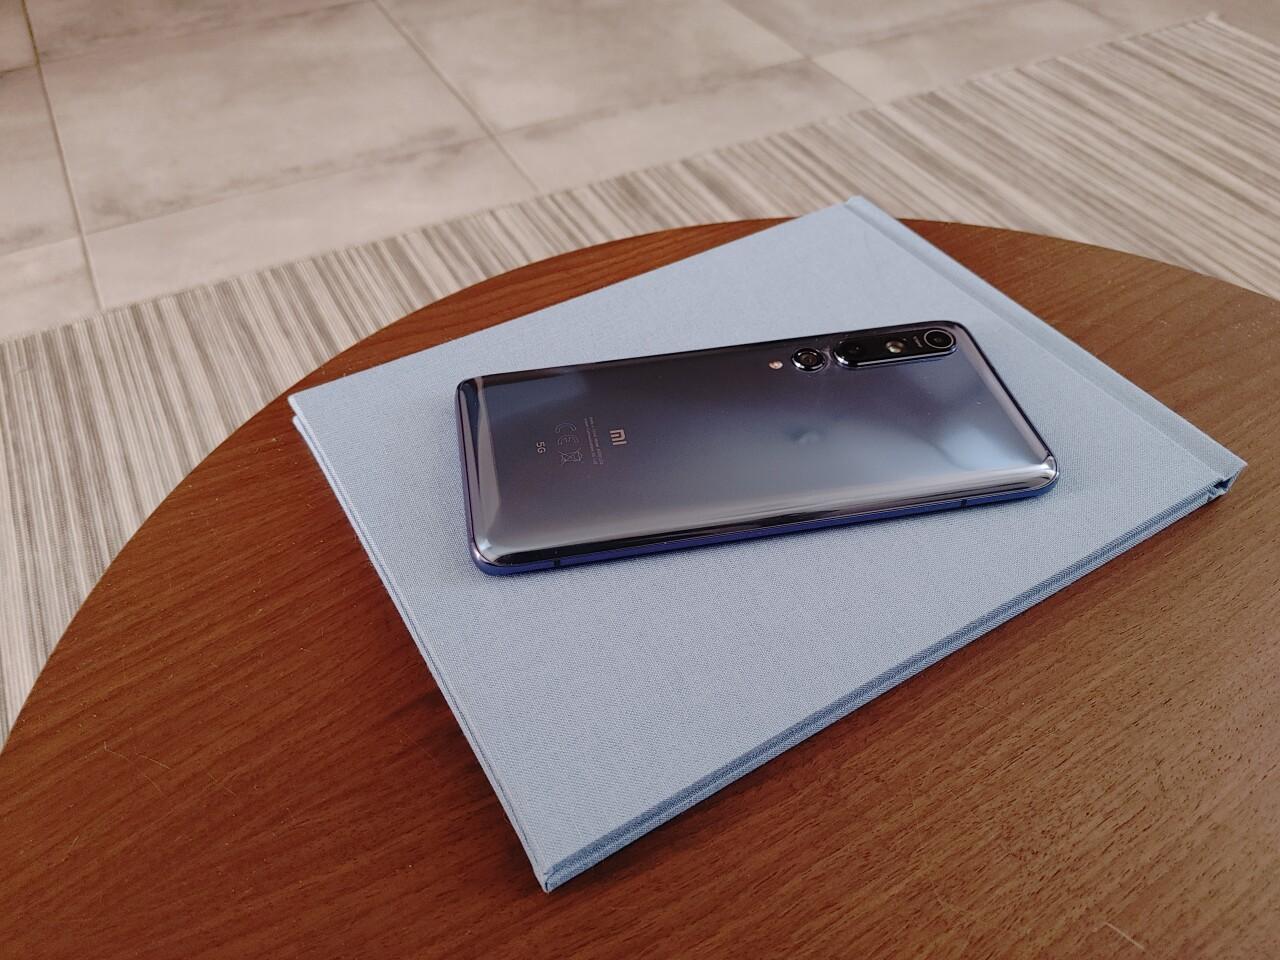 Reseña: Mi 10 de Xiaomi un claro contrincante de Huawei